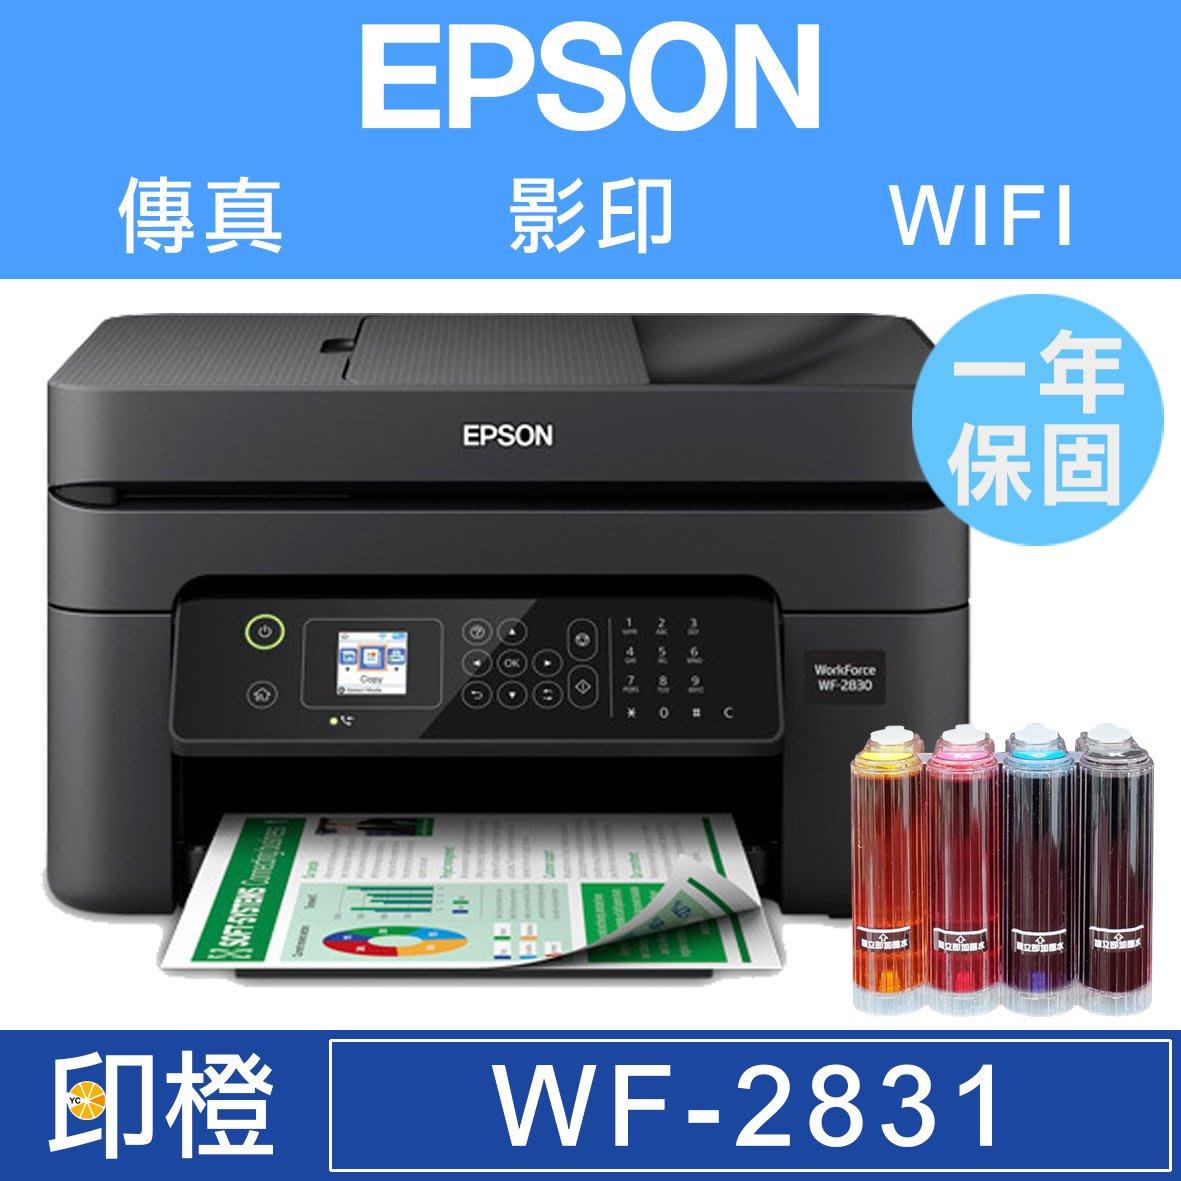 【印橙科技-壓克力大供墨+EPSON WF2831】傳真.掃描.影印.無線網路WIFI事務印表機,比L5190還優